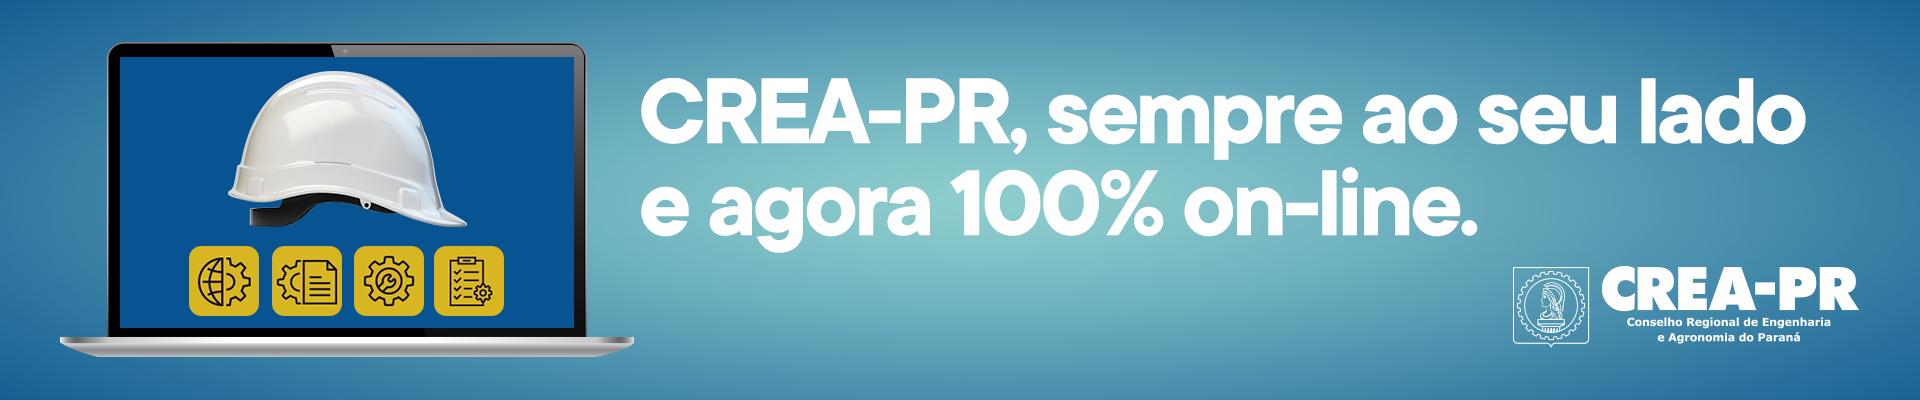 Crea-PR 100% on-line! Clique aqui e saiba mais.